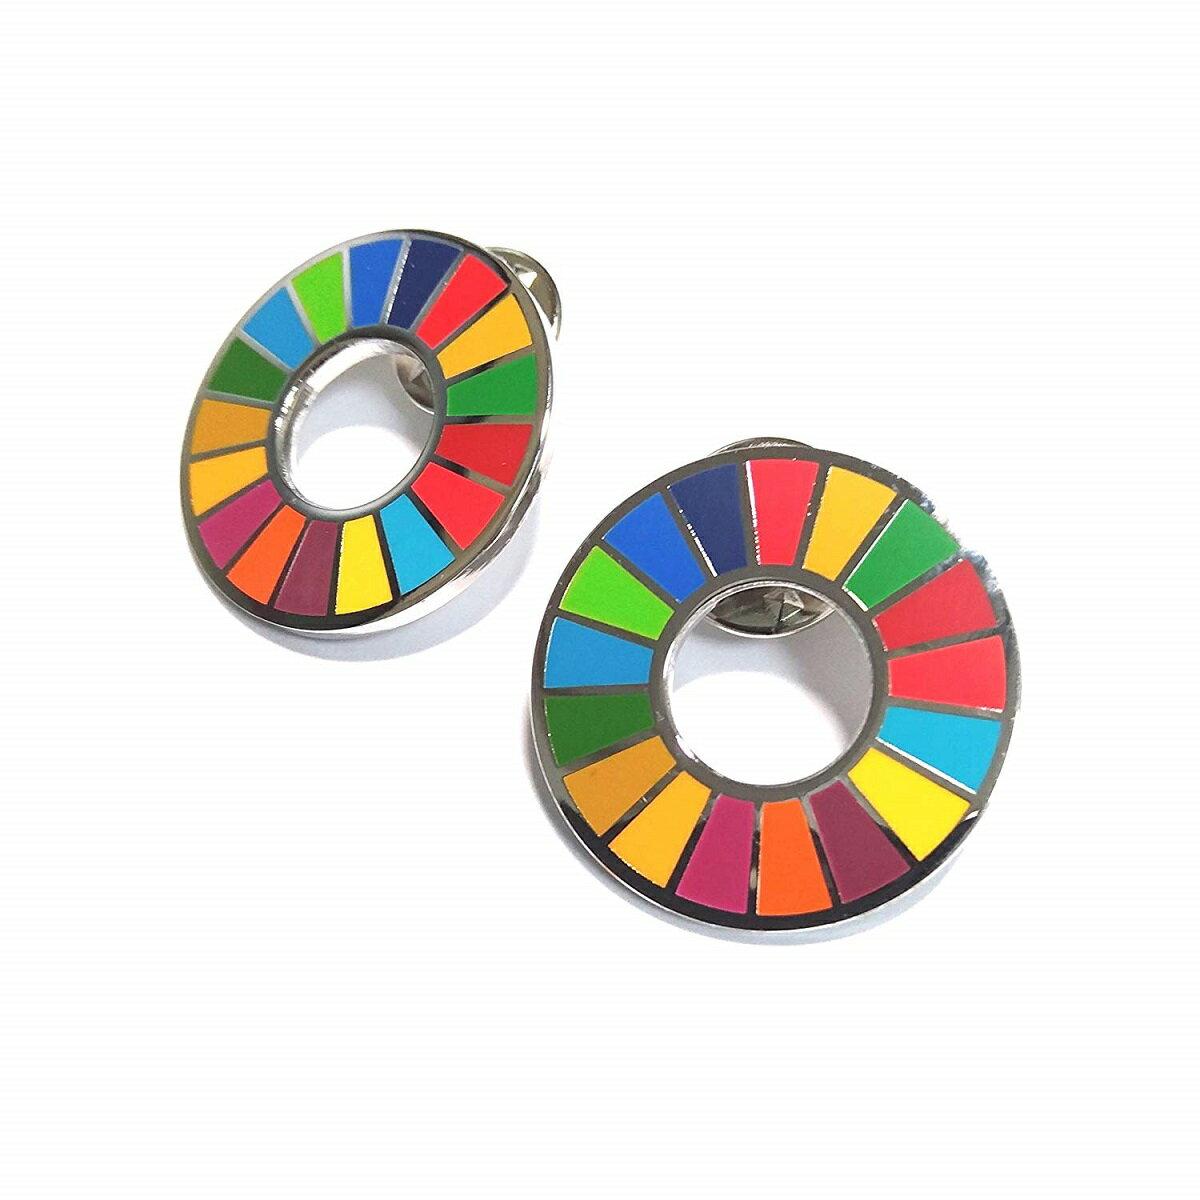 国連本部限定販売 SDGs ピンバッジ 日本未発売 UNDP 2個セット